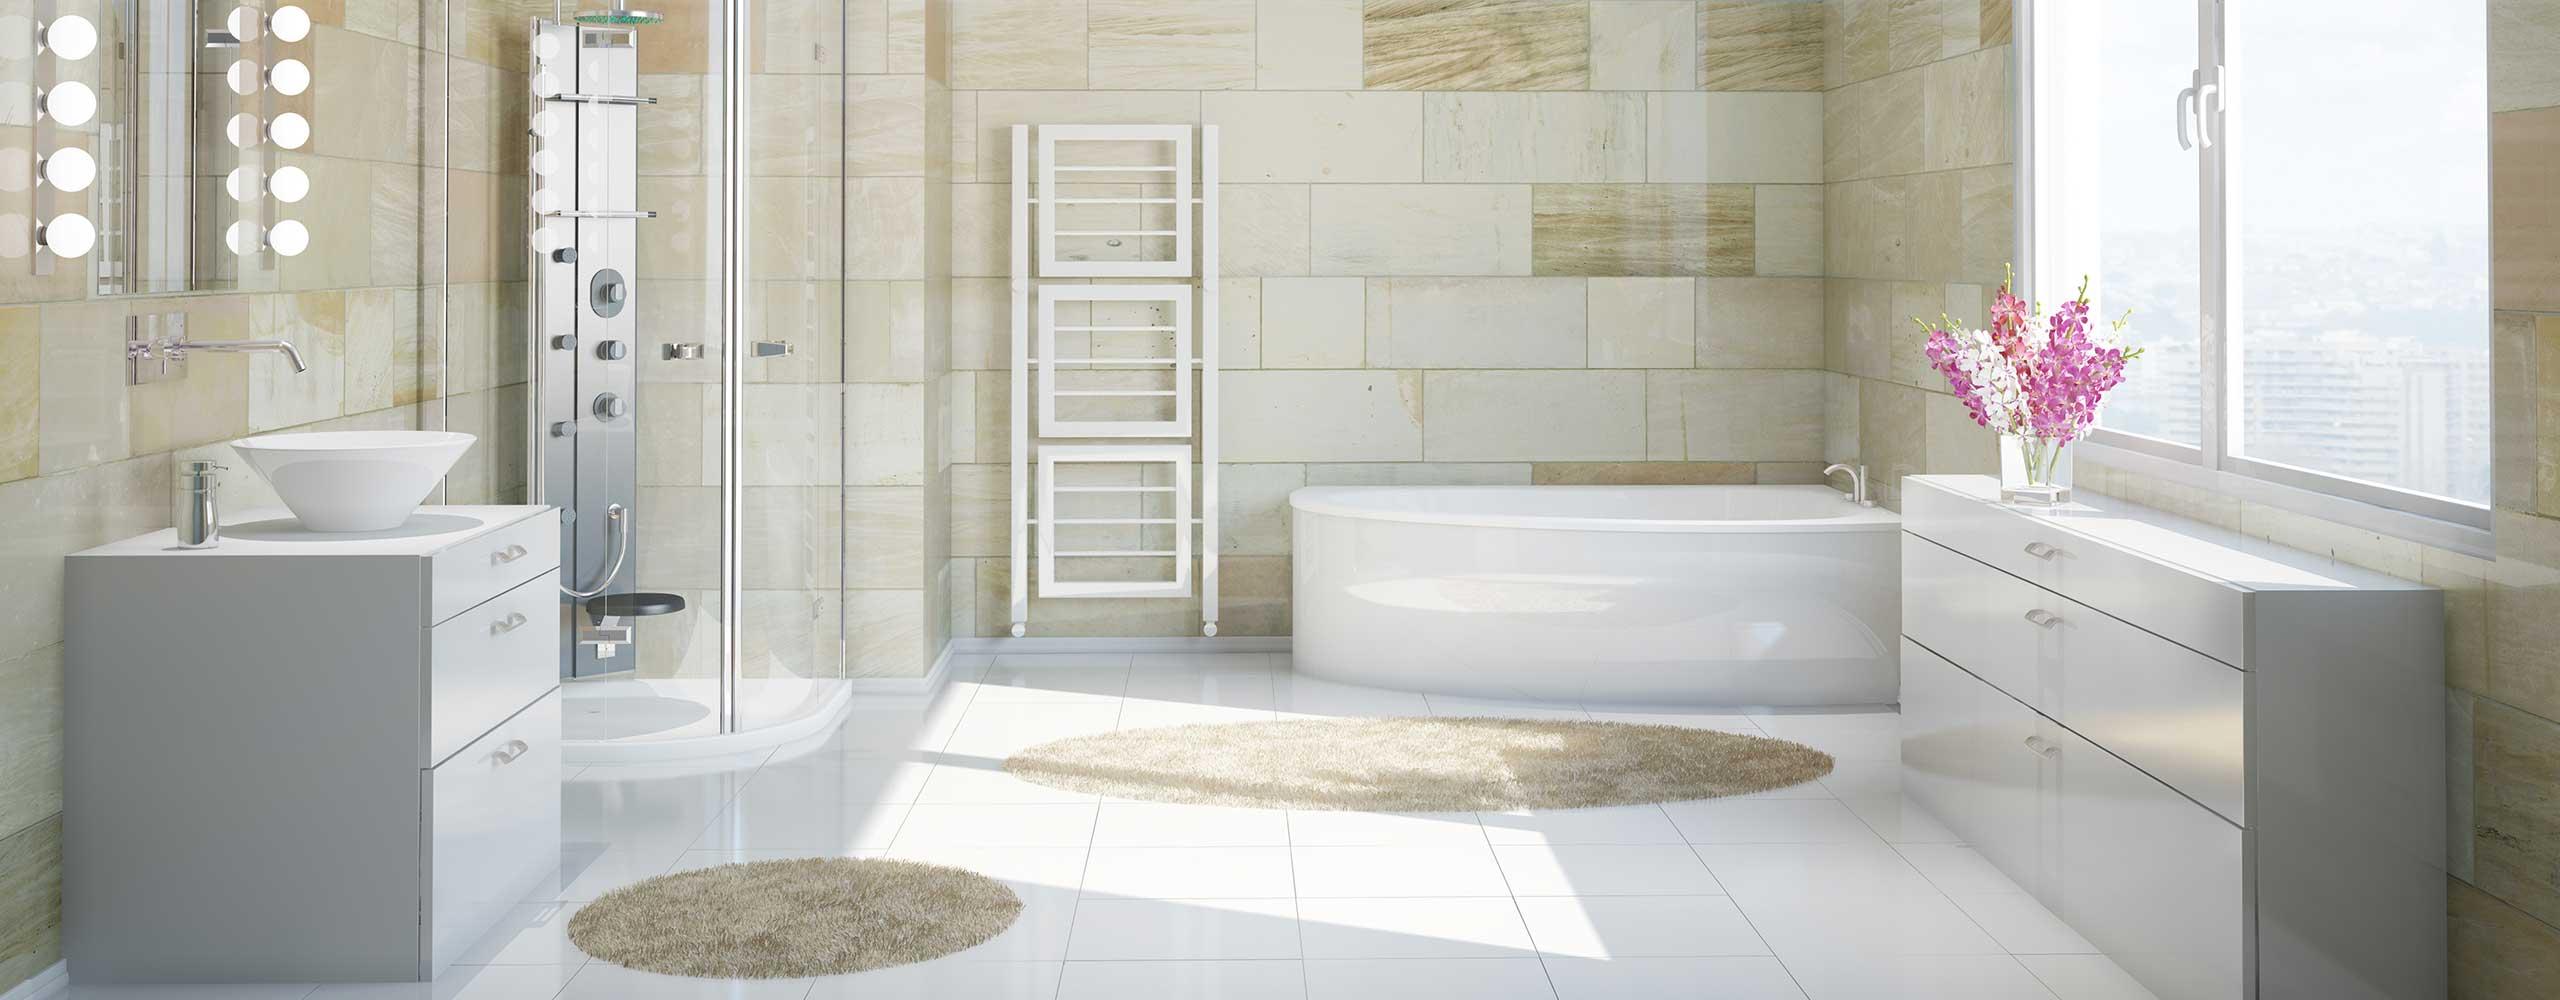 Badkamer verbouwen door de installateur uit Sliedrecht